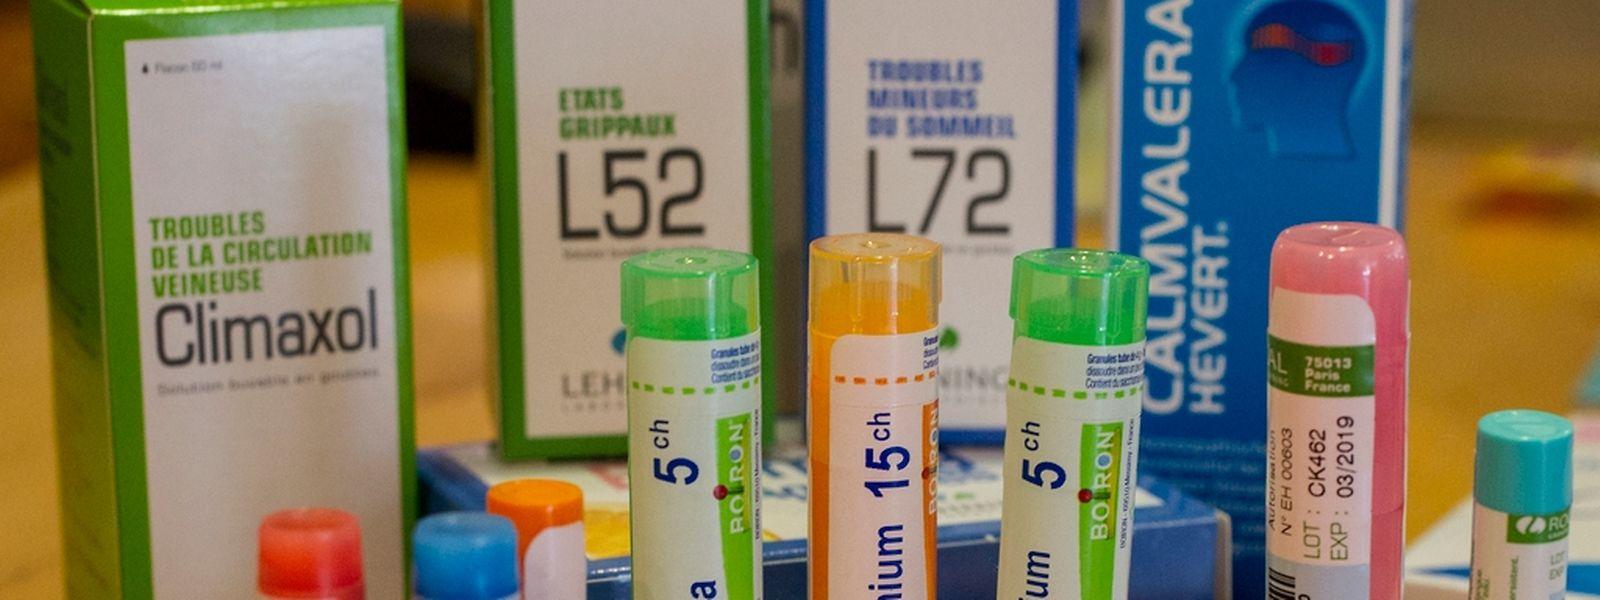 """Homöopathische """"Globuli"""" sind kleine Pillen aus Milchzucker, die aufgrund der extrem hohen Verdünnung der Ausgangssubstanz meist gar keine Wirkstoffe enthalten."""